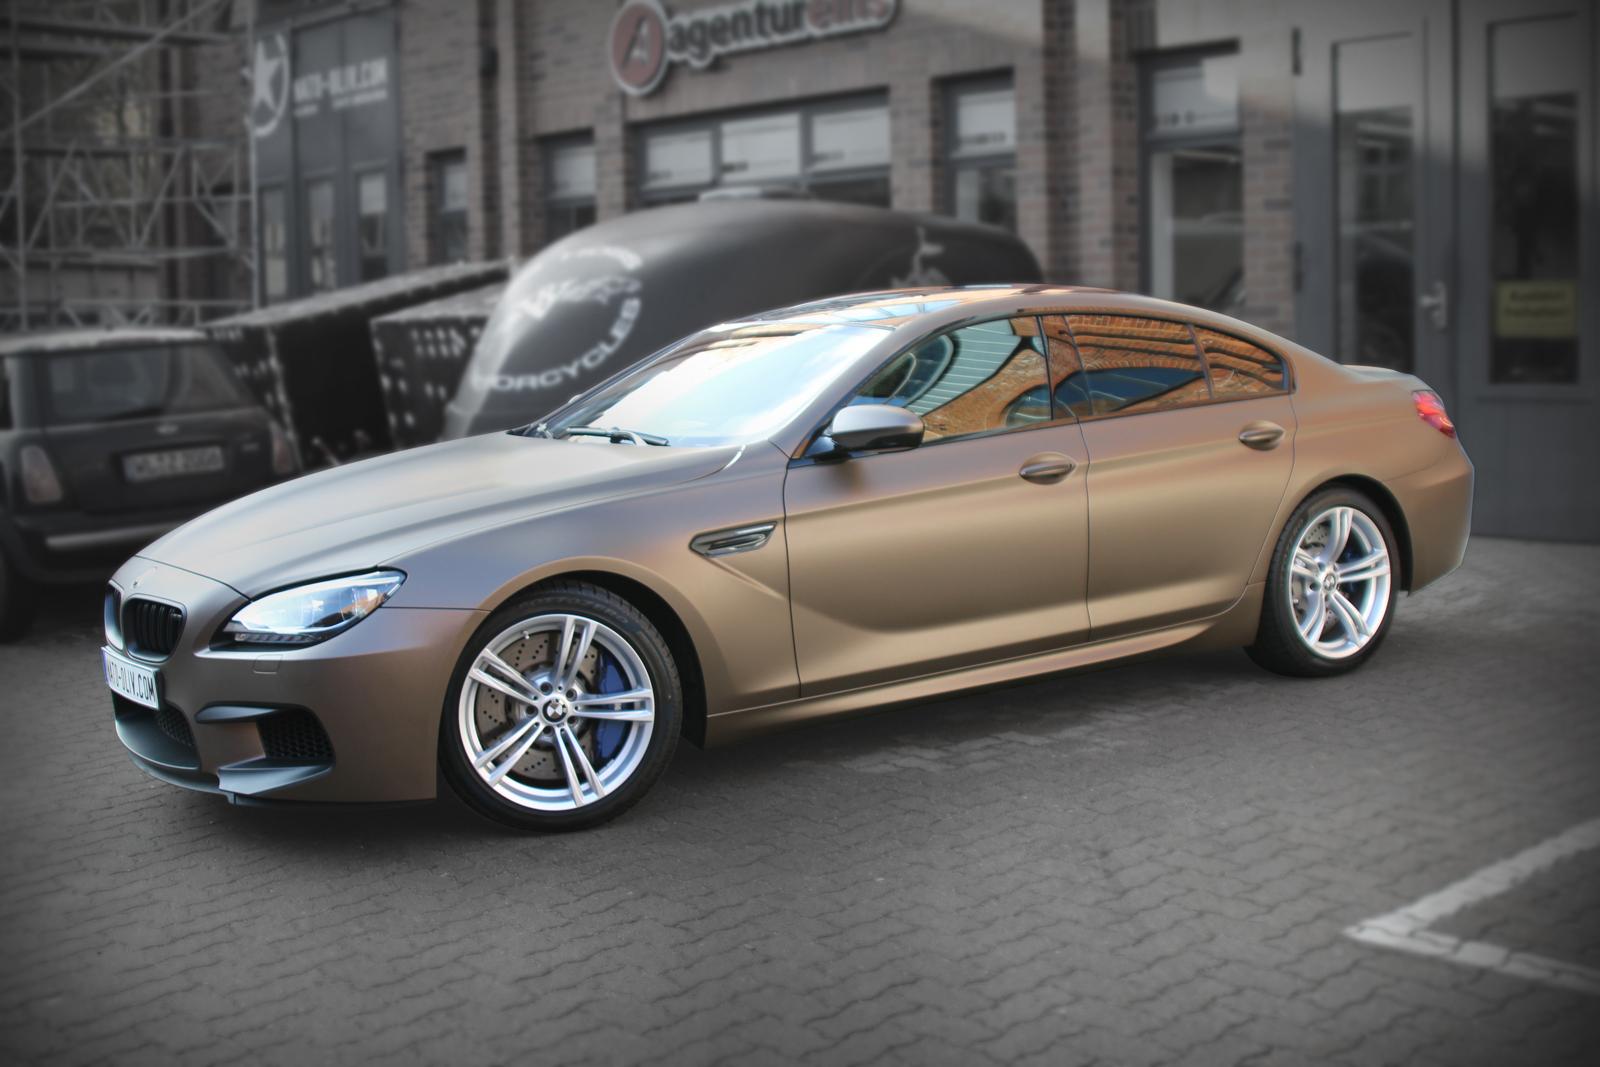 BMW M6 car wrapping braun matt metallic